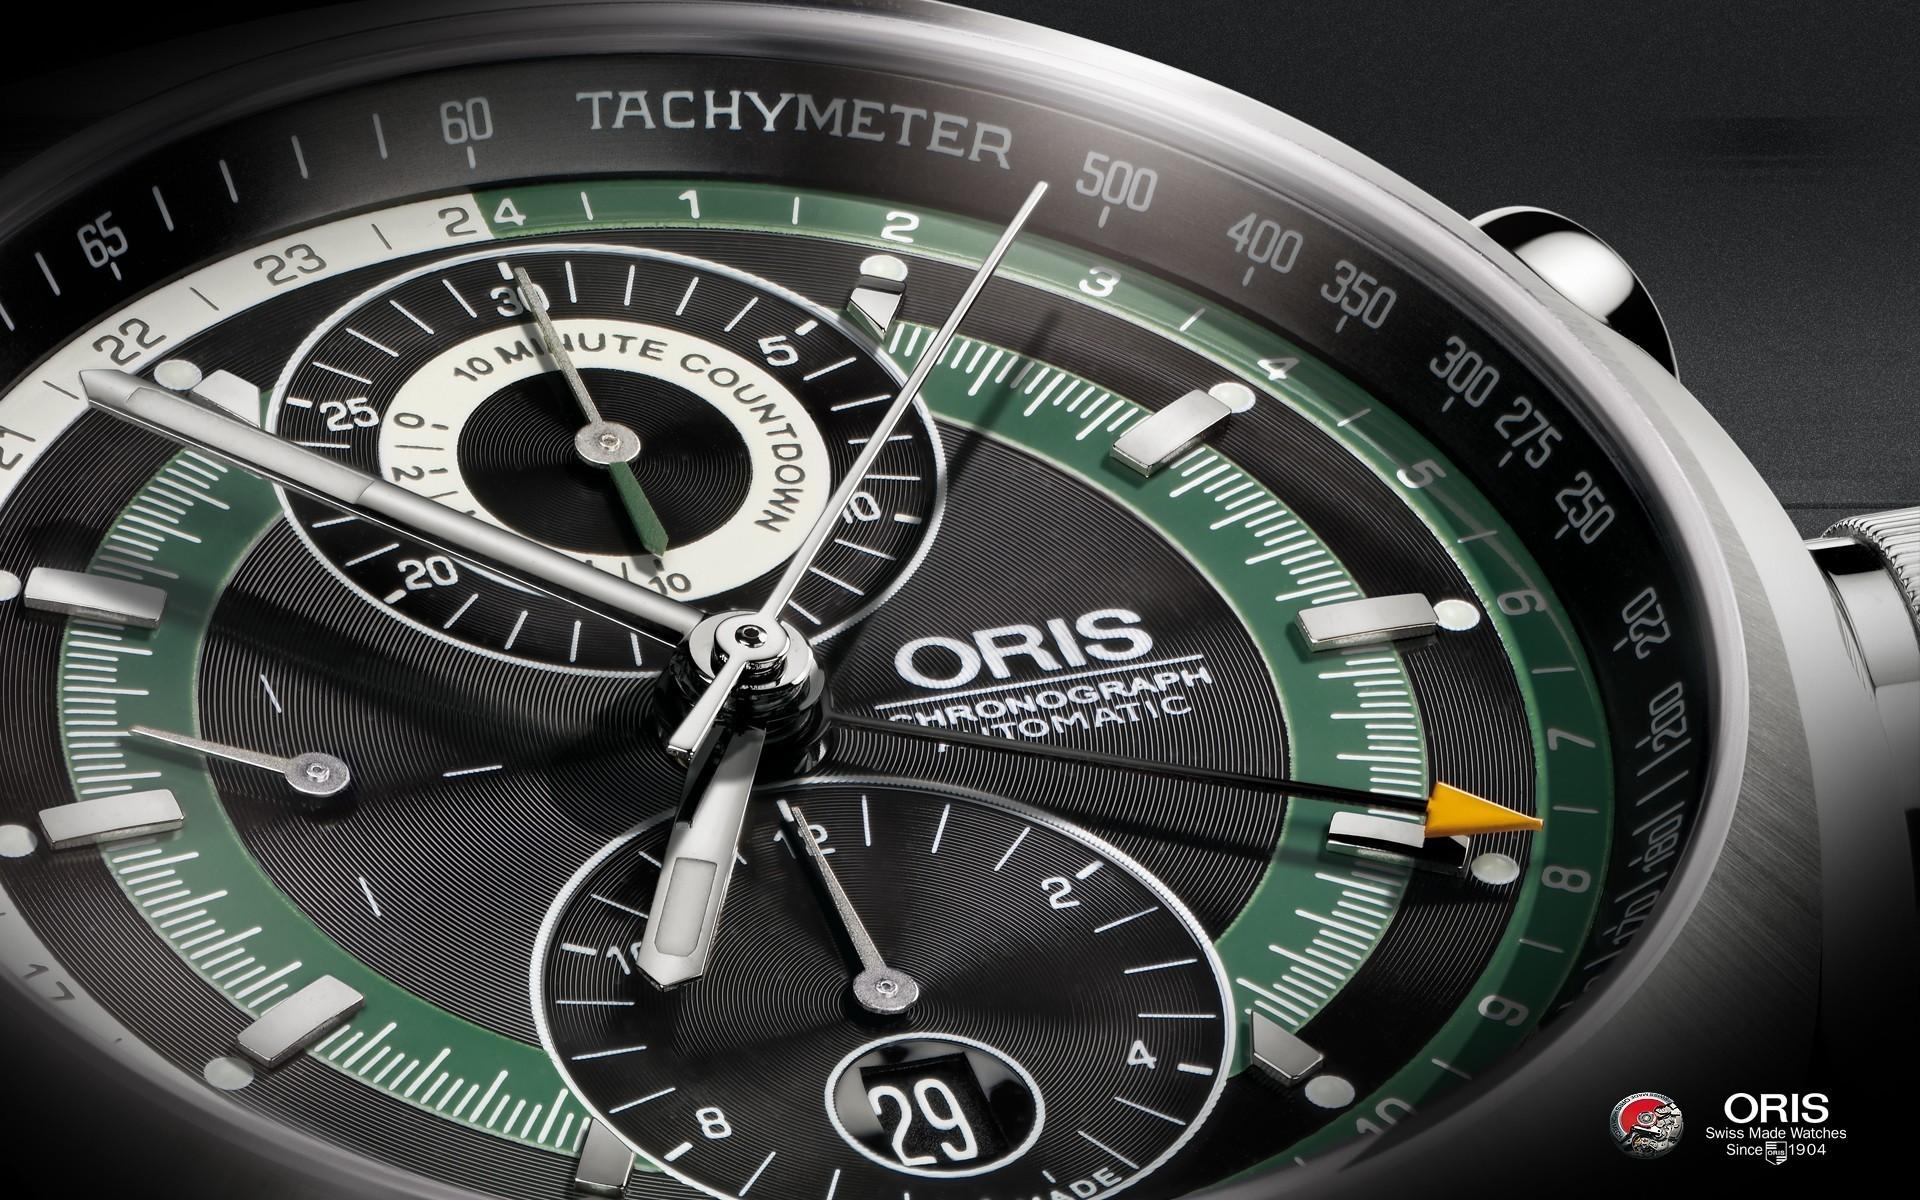 обои аналоговые часы на рабочий стол № 457533  скачать